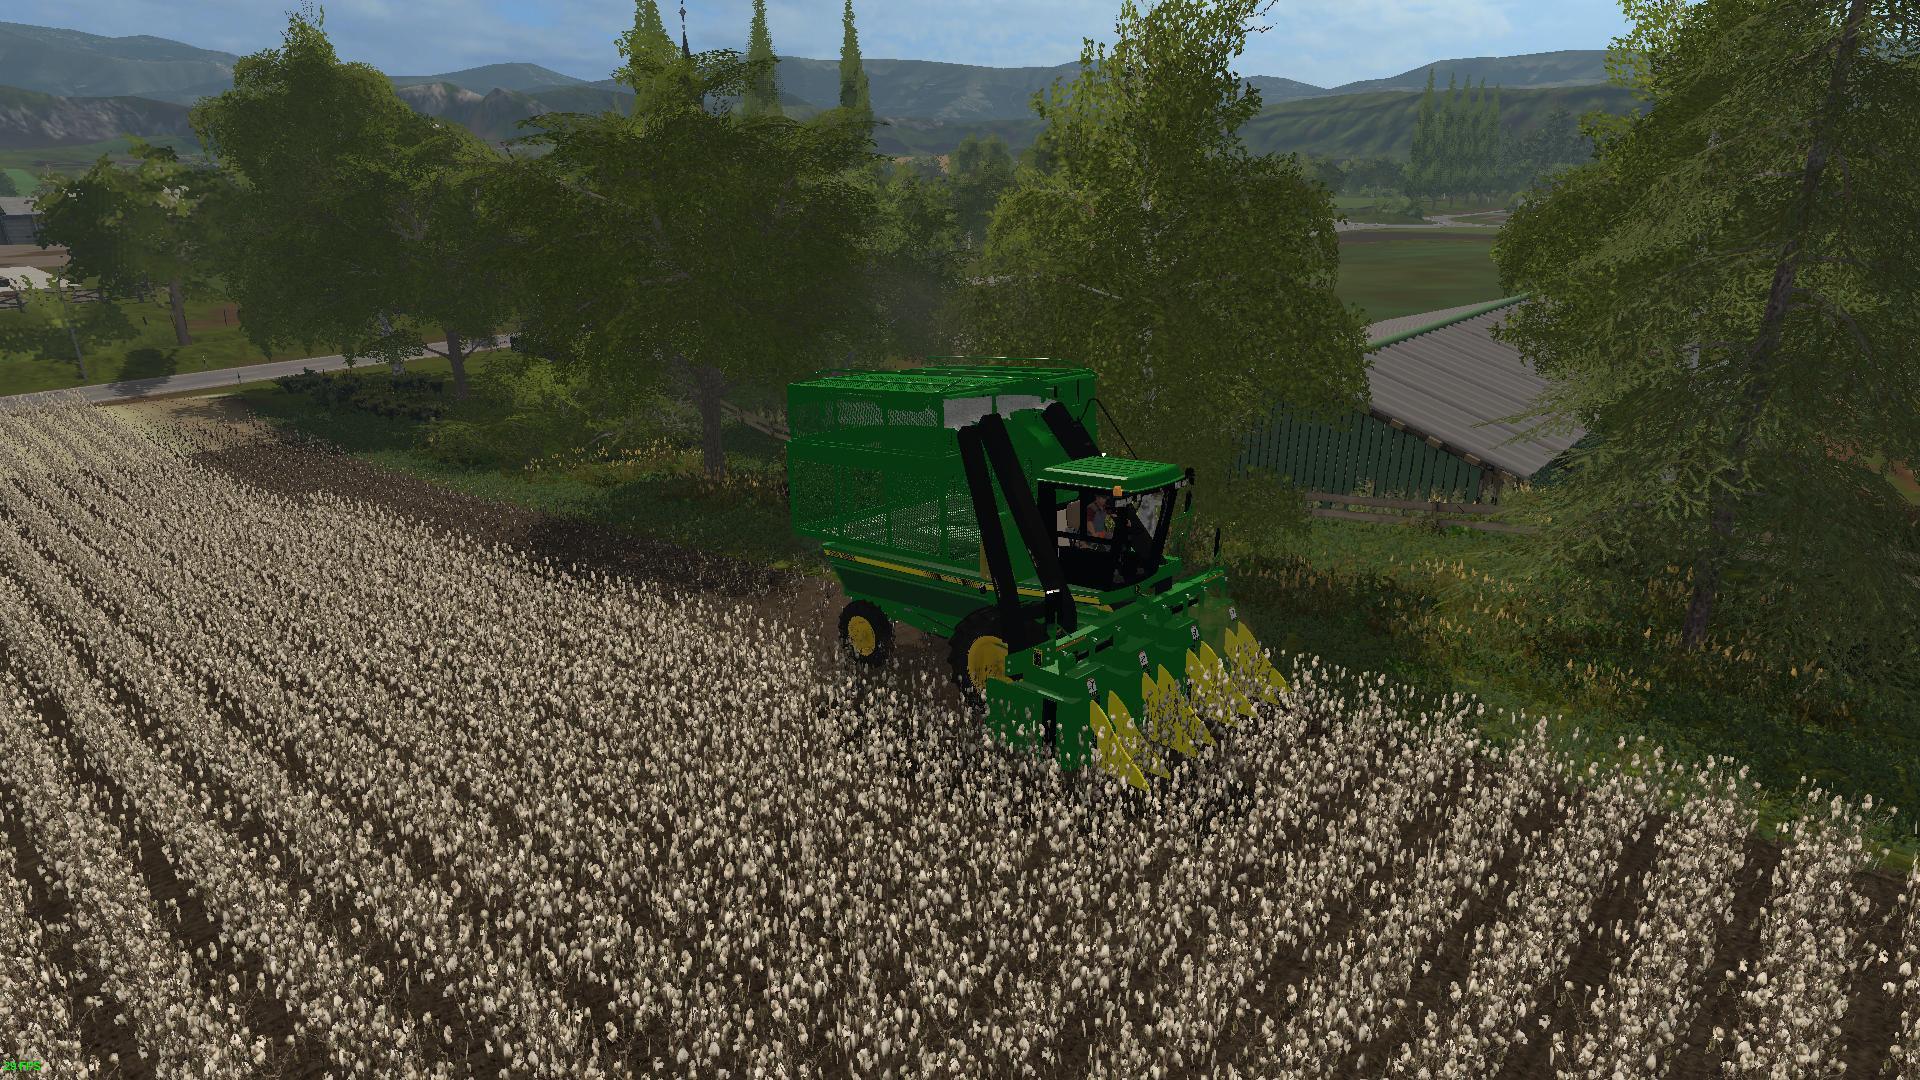 Cotton » GamesMods net - FS19, FS17, ETS 2 mods